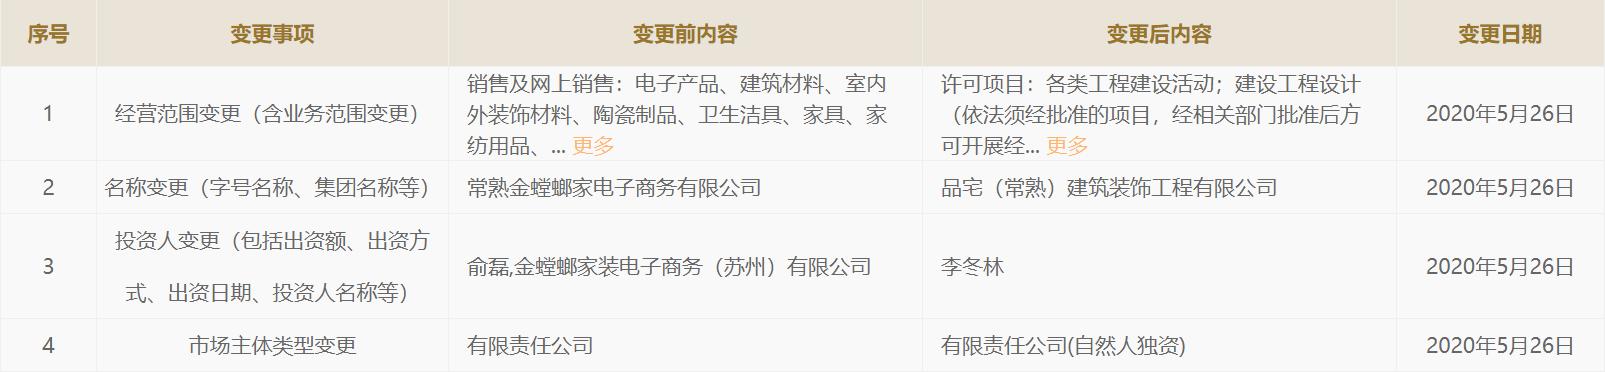 金螳螂退出数十家公司 背后江苏首富朱兴良走出季建业案图片